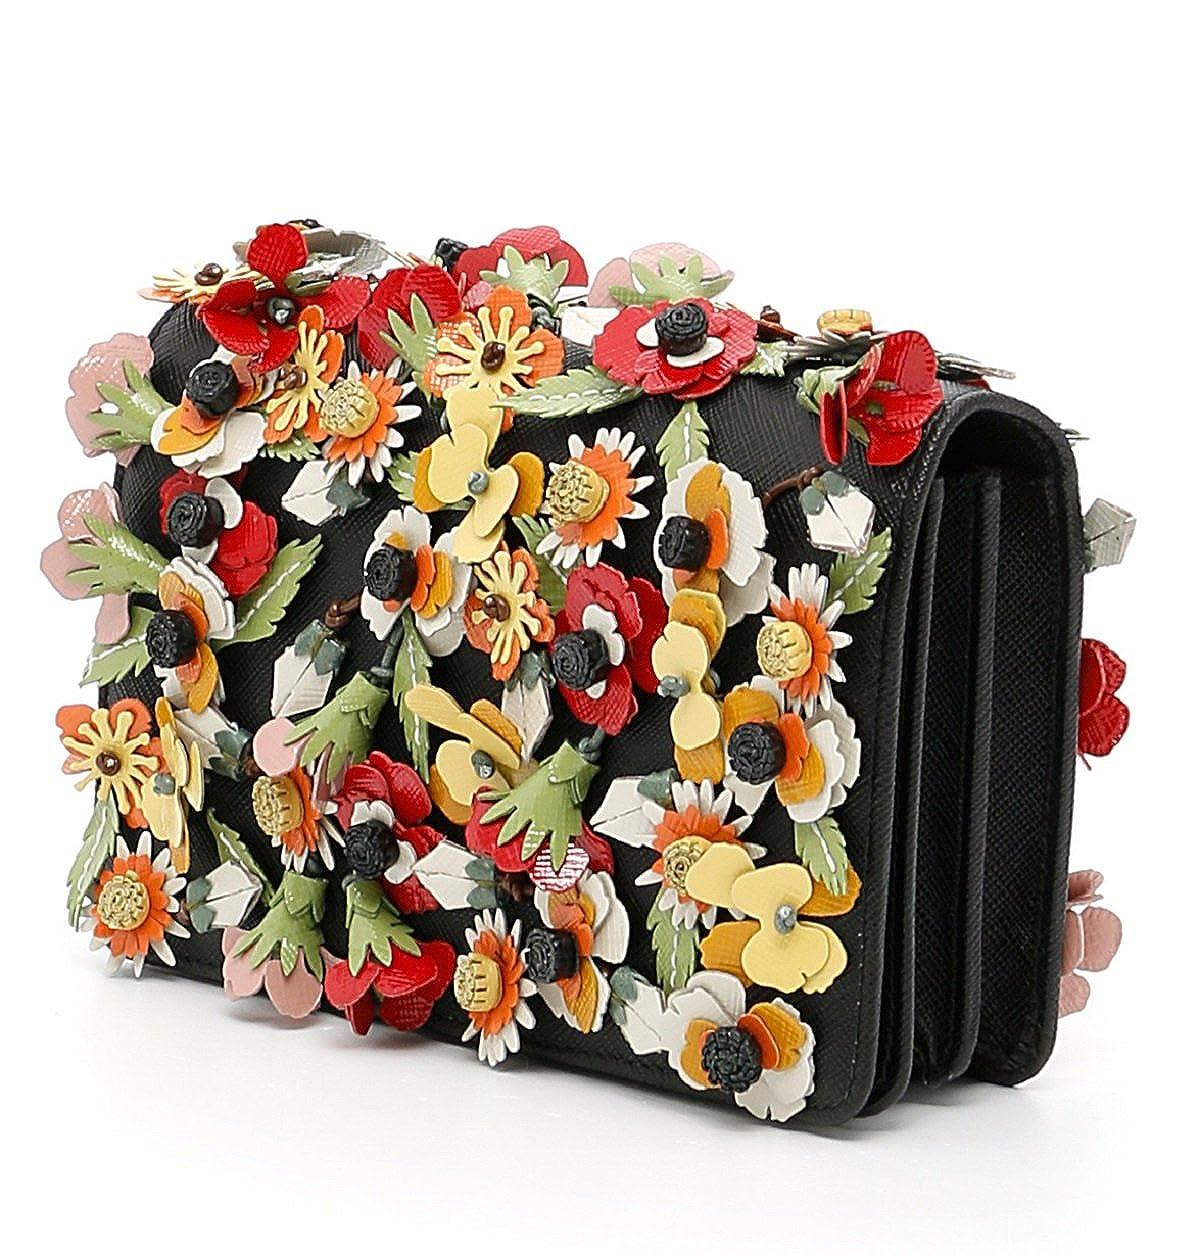 a57402150d15 Amazon.com: Prada Saffiano Garden Floral Applique Misto Designer Crossbody  Bag for Women 1BP006: Clothing